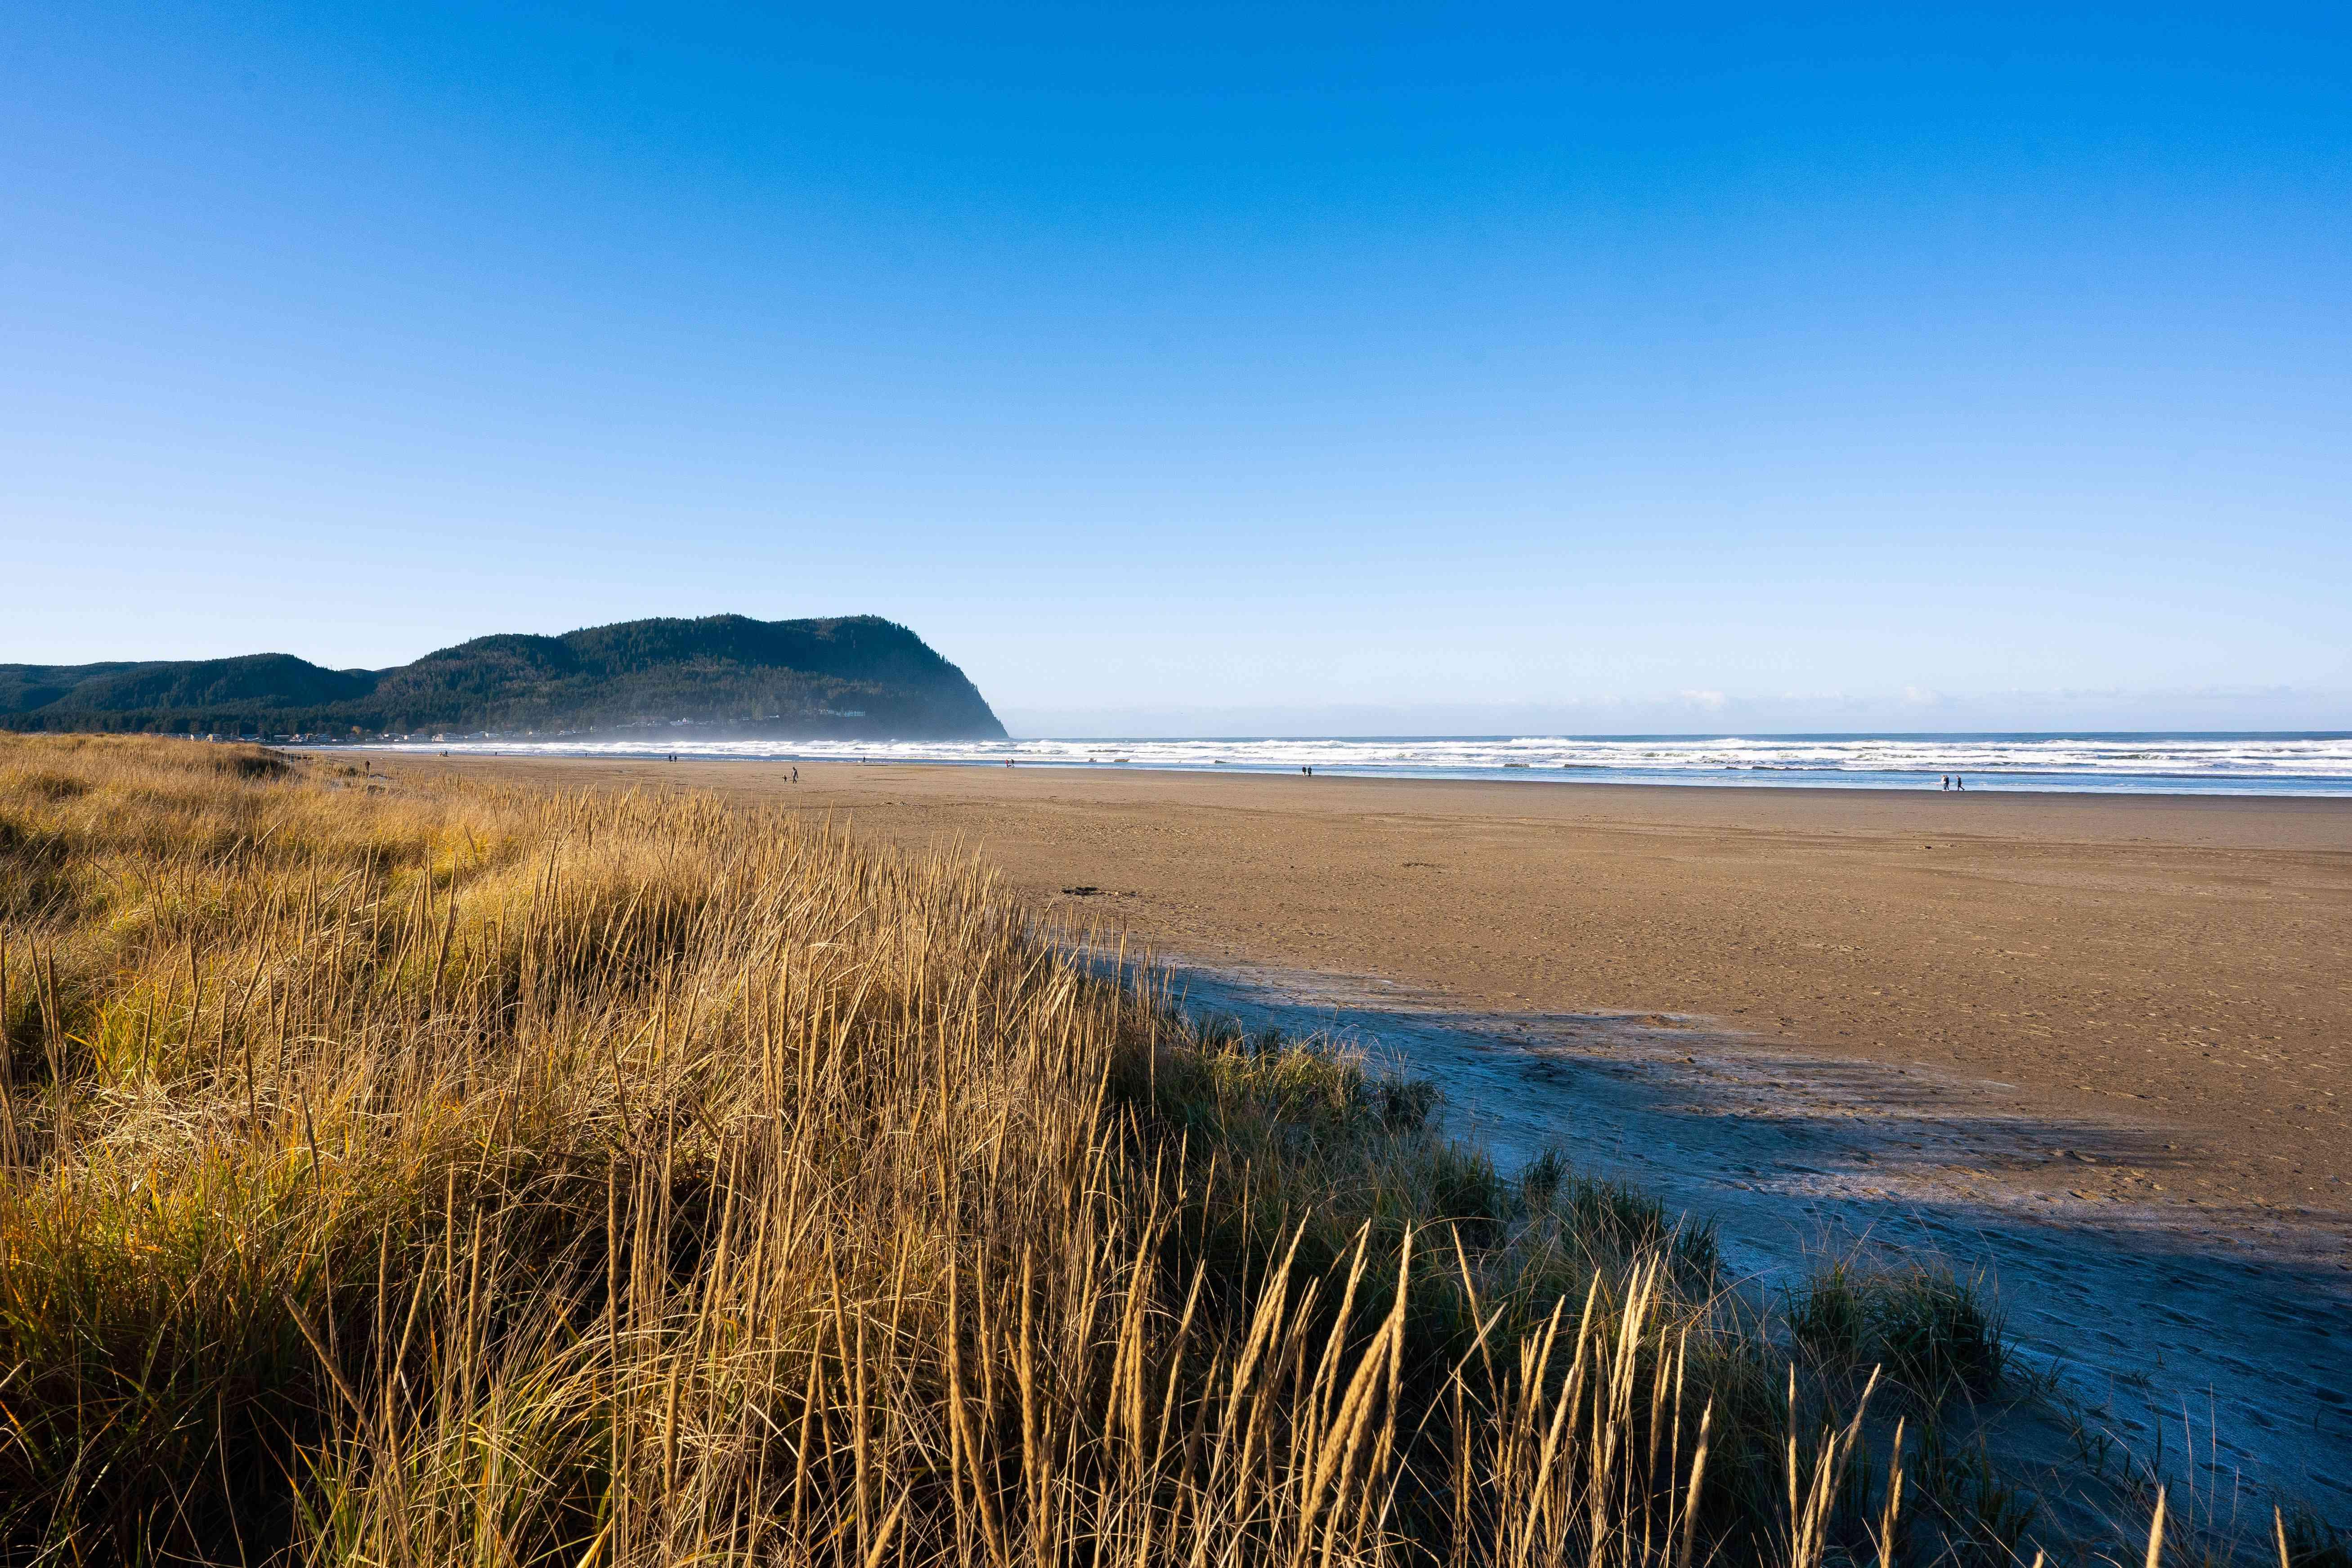 A beach in Seaside, Oregon